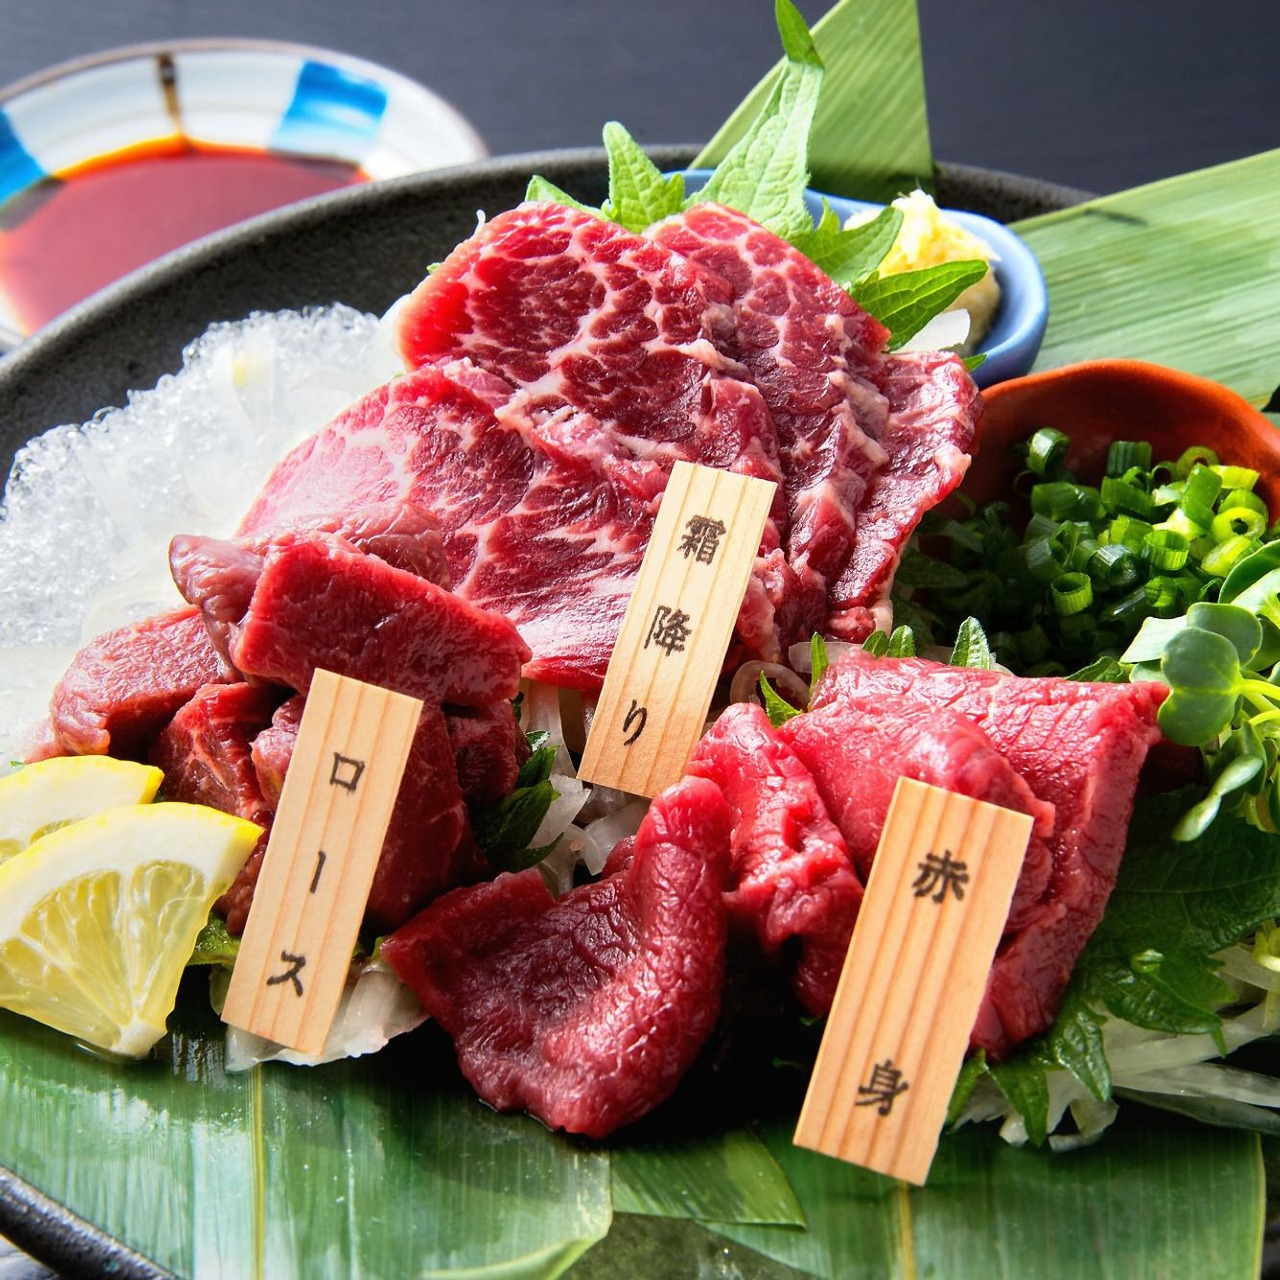 【8・9月限定】2時間飲み放題付き黒豚餃子含む全7品『桜島鶏の炭火炙りコース』